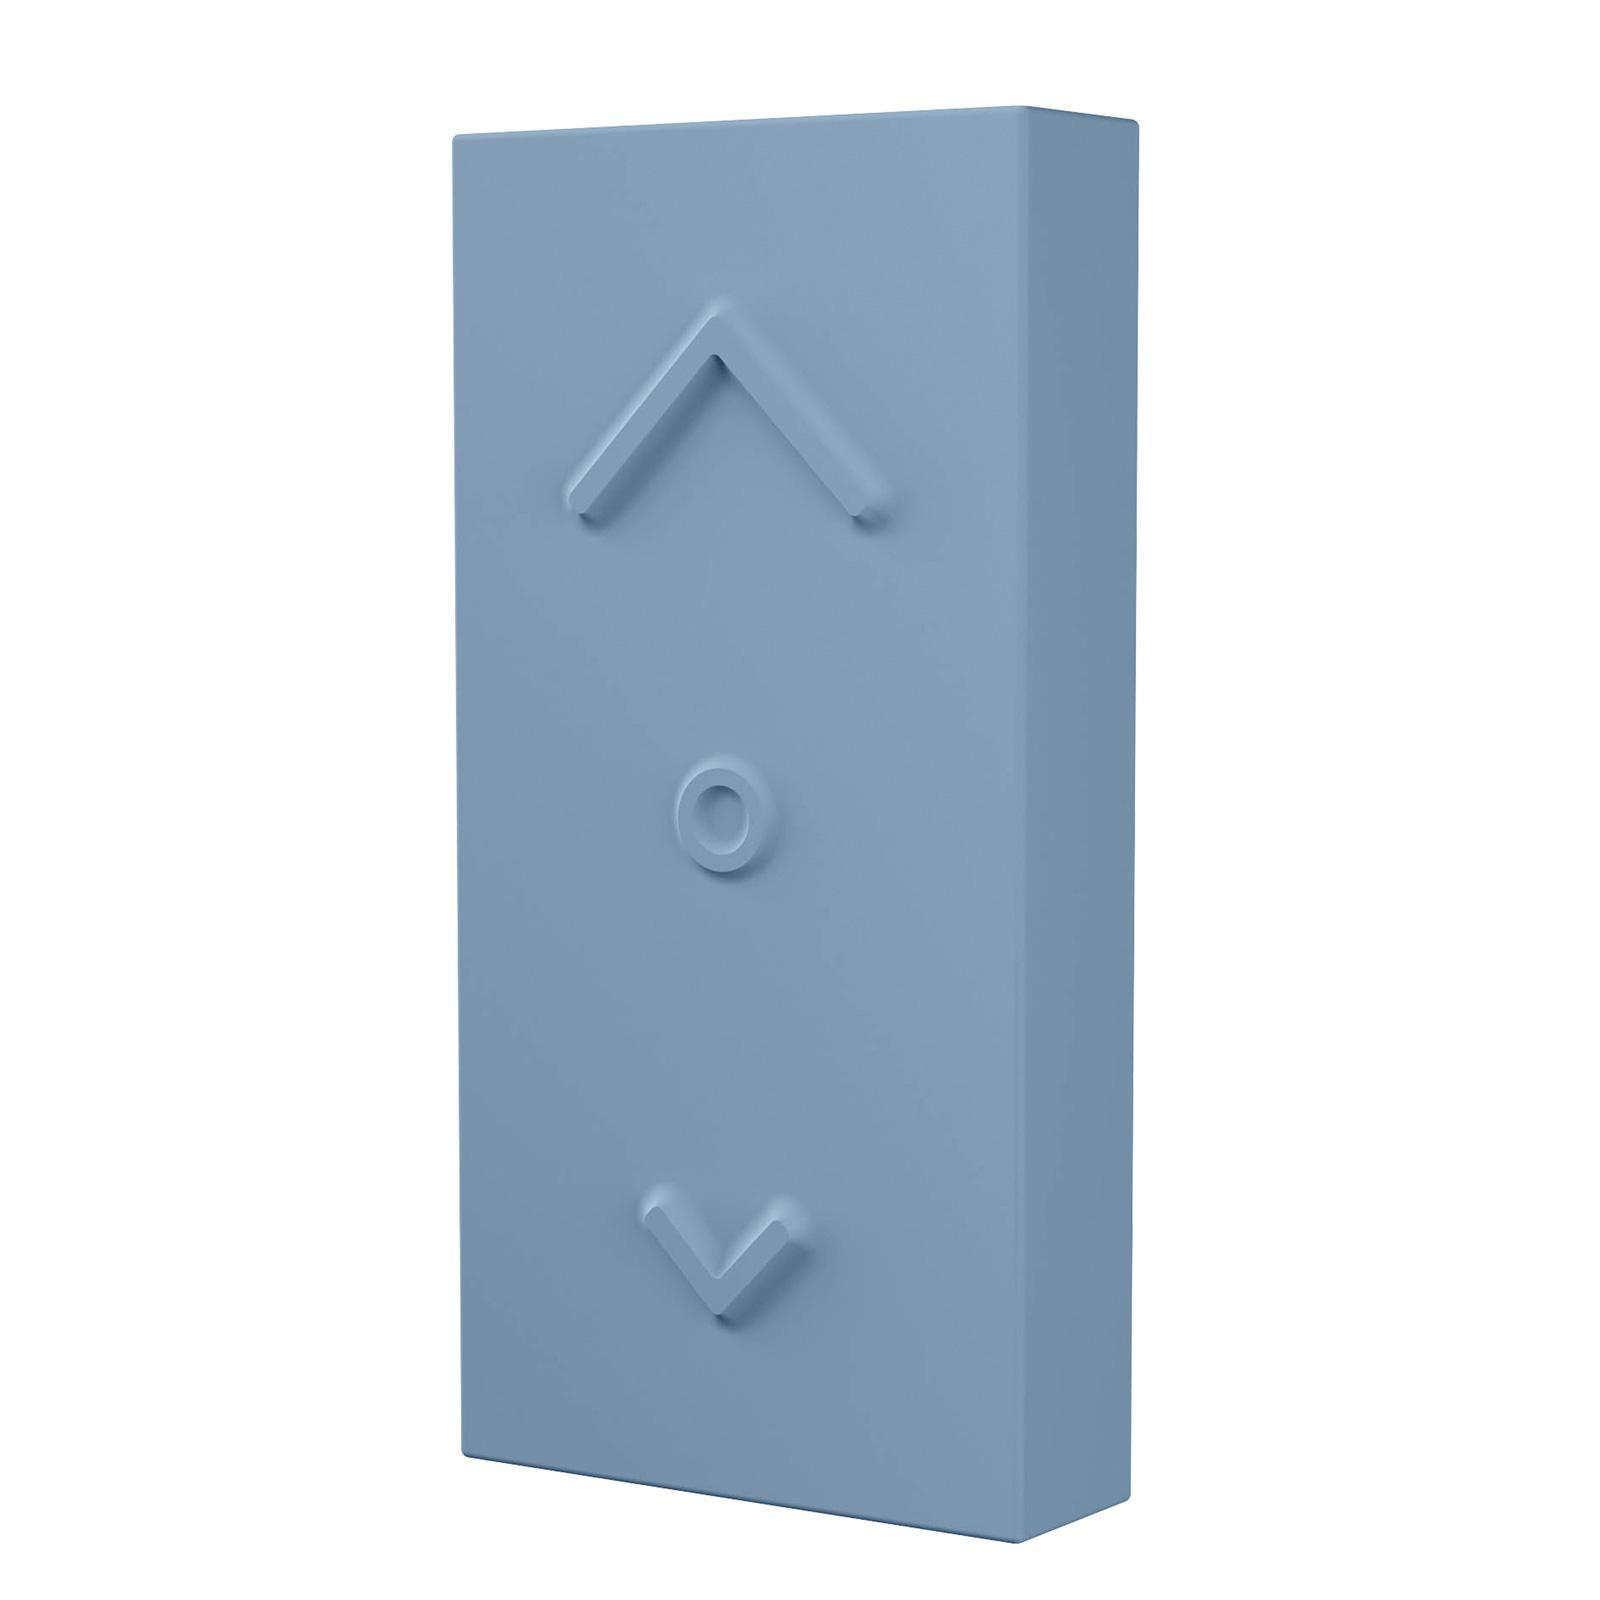 LEDVANCE SMART+ ZigBee Switch Mini blå